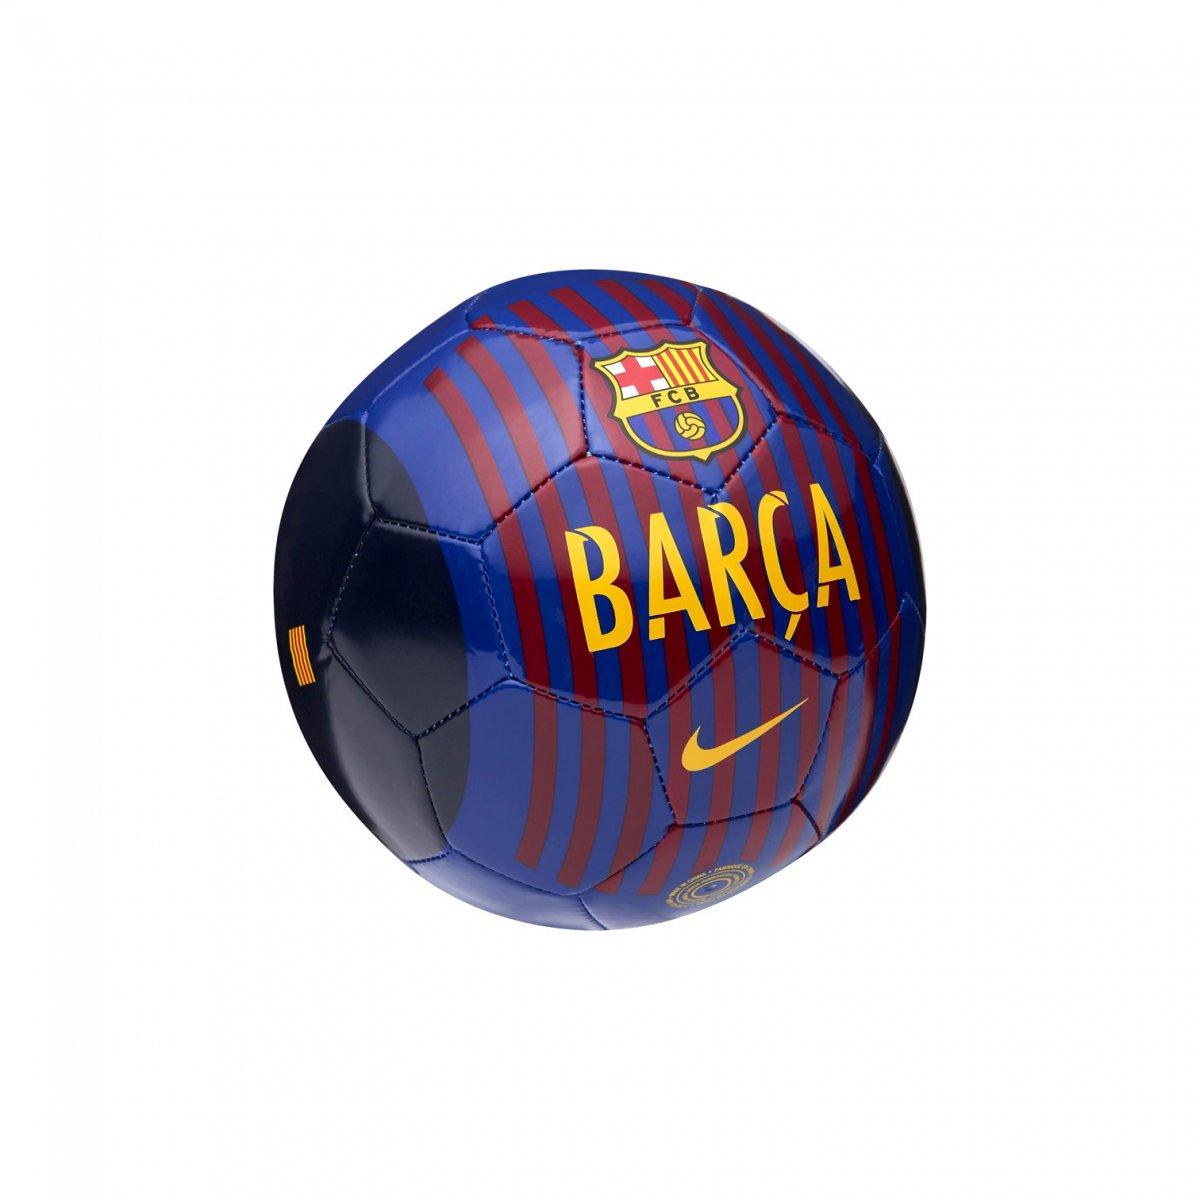 MiniBola de Futebol Nike Barcelona Skills SC3329-455 - Azul Vermelho ... 296f93feda7d8